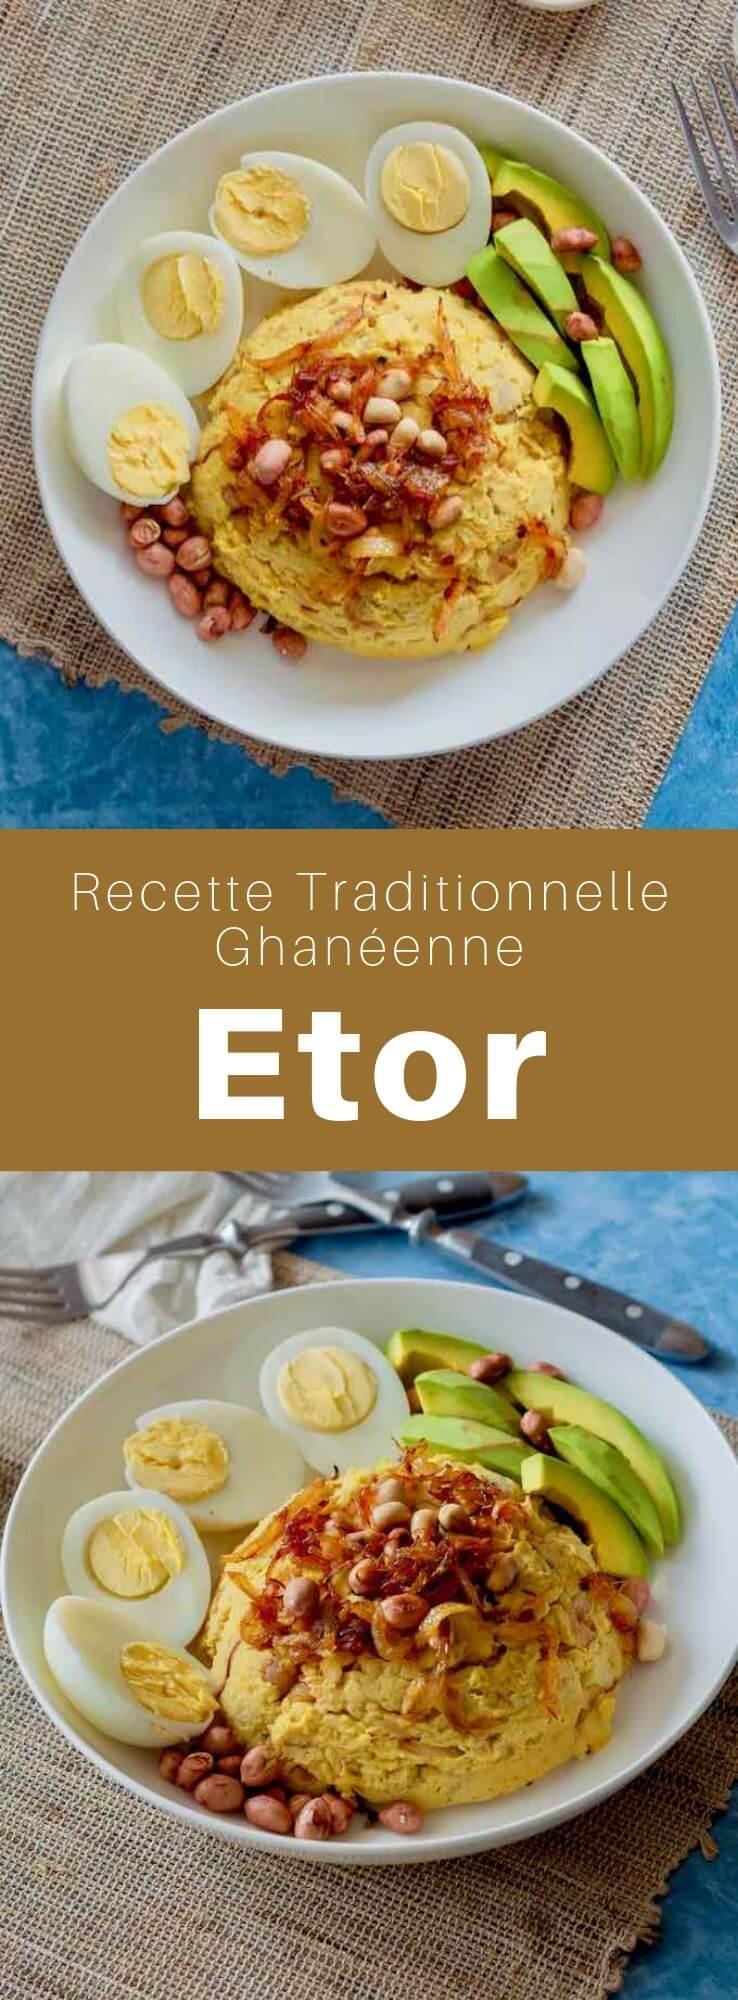 L'etor (ou otor) est une délicieuse purée d'ignames traditionnelle du Ghana qui est enrichie à l'huile de palme. #Ghana #Afrique #AfriqueDeLouest #RecetteAfricaine #CuisineAfricaine #CuisineDuMonde #196flavors